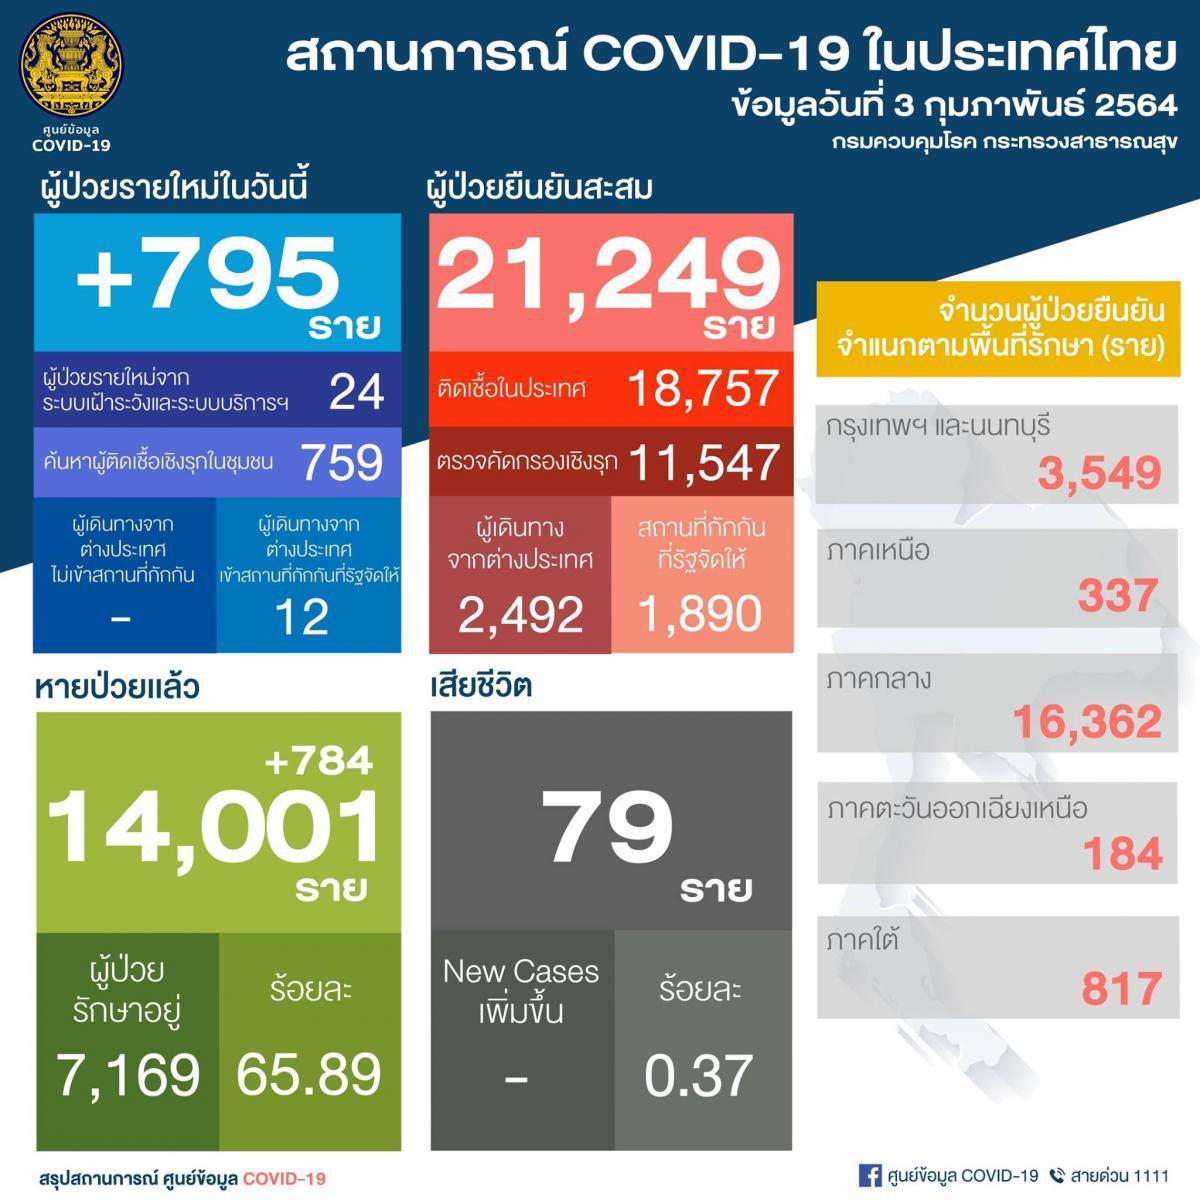 พบติดเชื้อโควิด-19 รายใหม่ 795 ราย ยอดสะสม 21,249 ราย